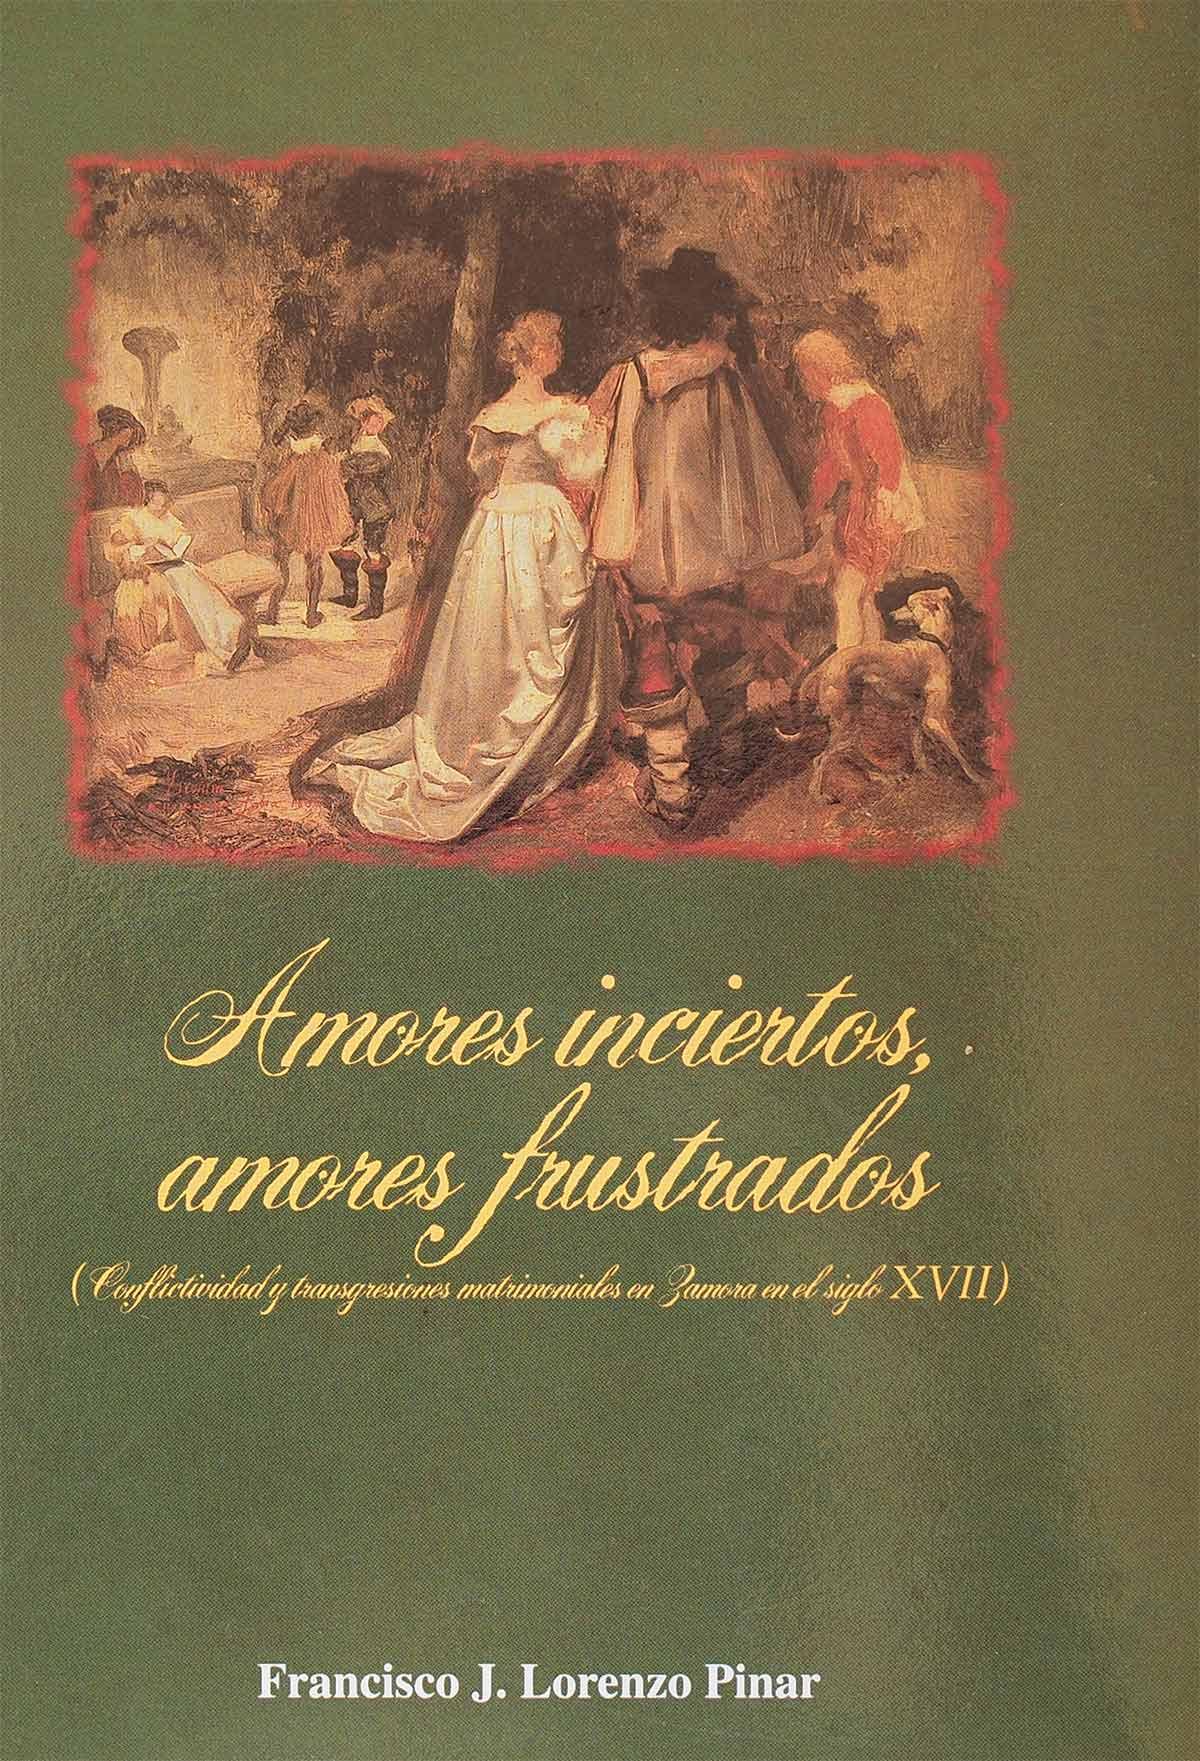 amores-inciertos-frustados-francisco-javier-lorenzo-pinar-editorial-semuret